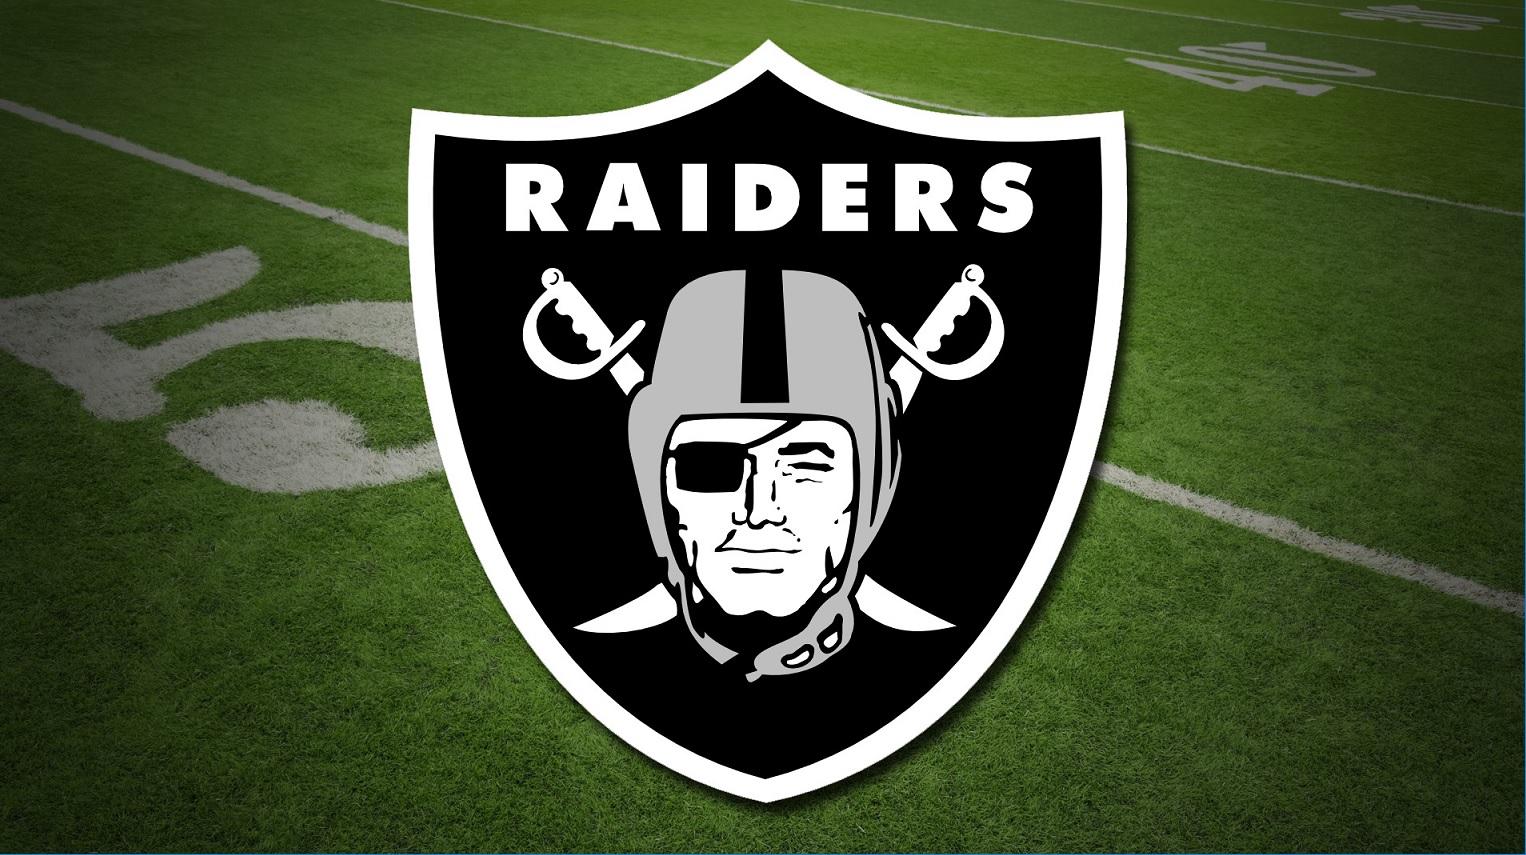 raiders_1547478255334.jpg